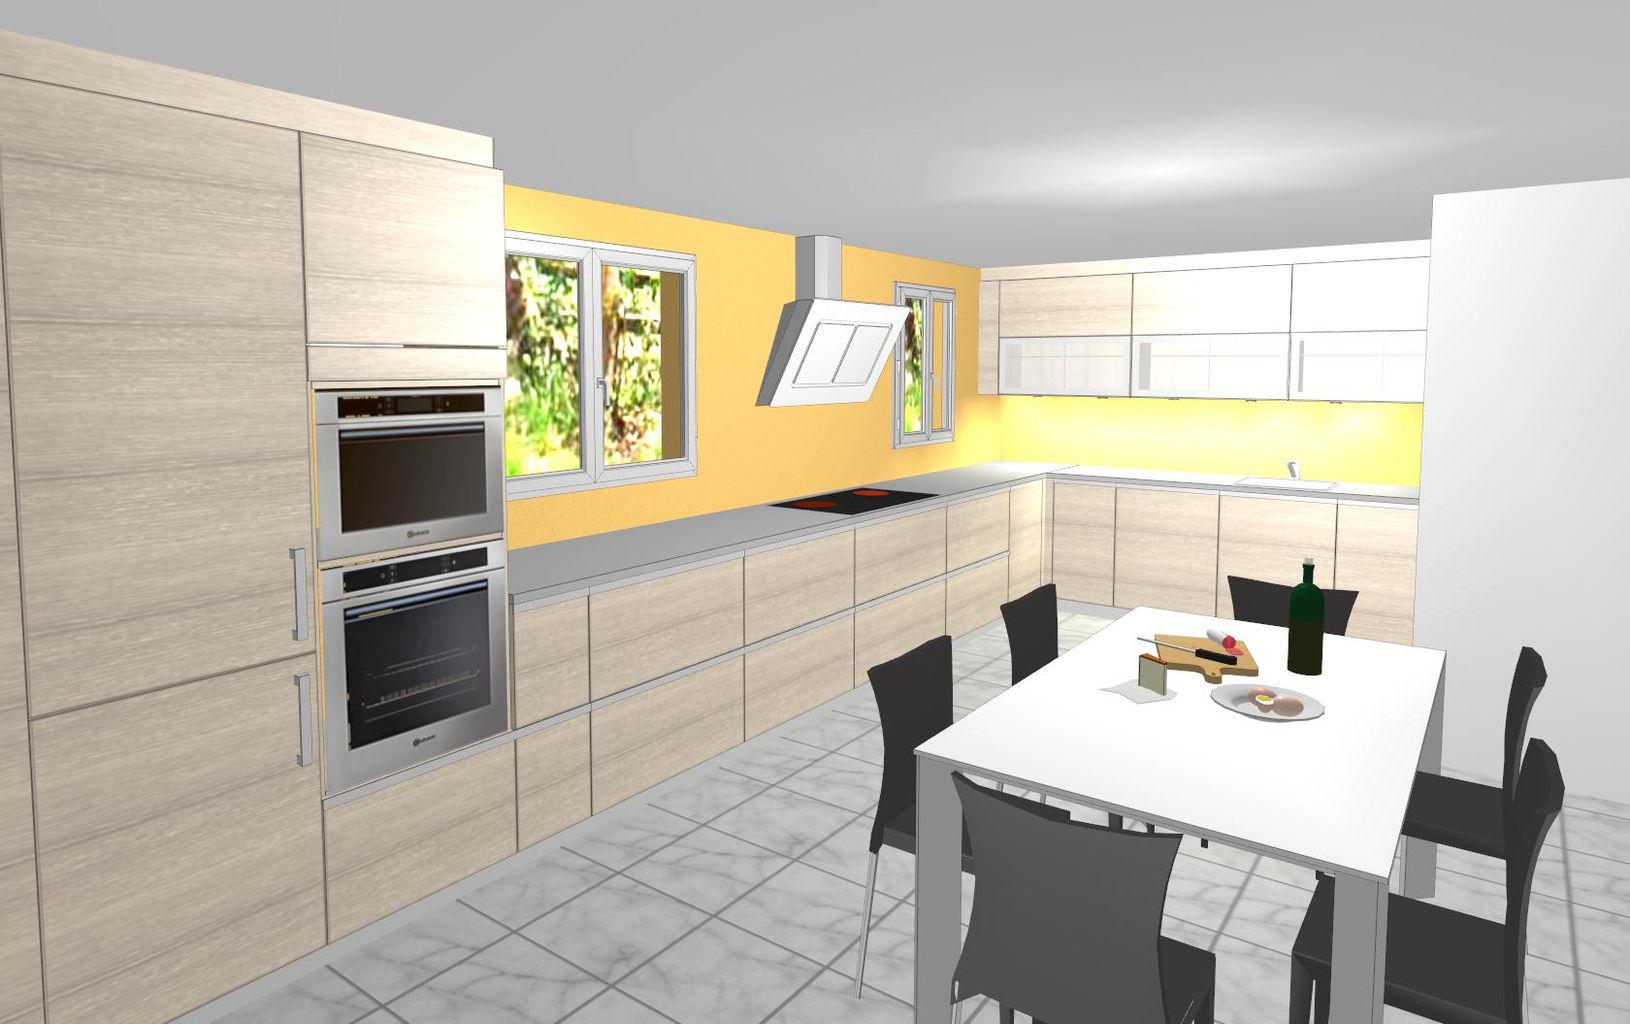 Progettare cucina 3d gratis best affordable pianta casa for Programma per arredare casa 3d gratis